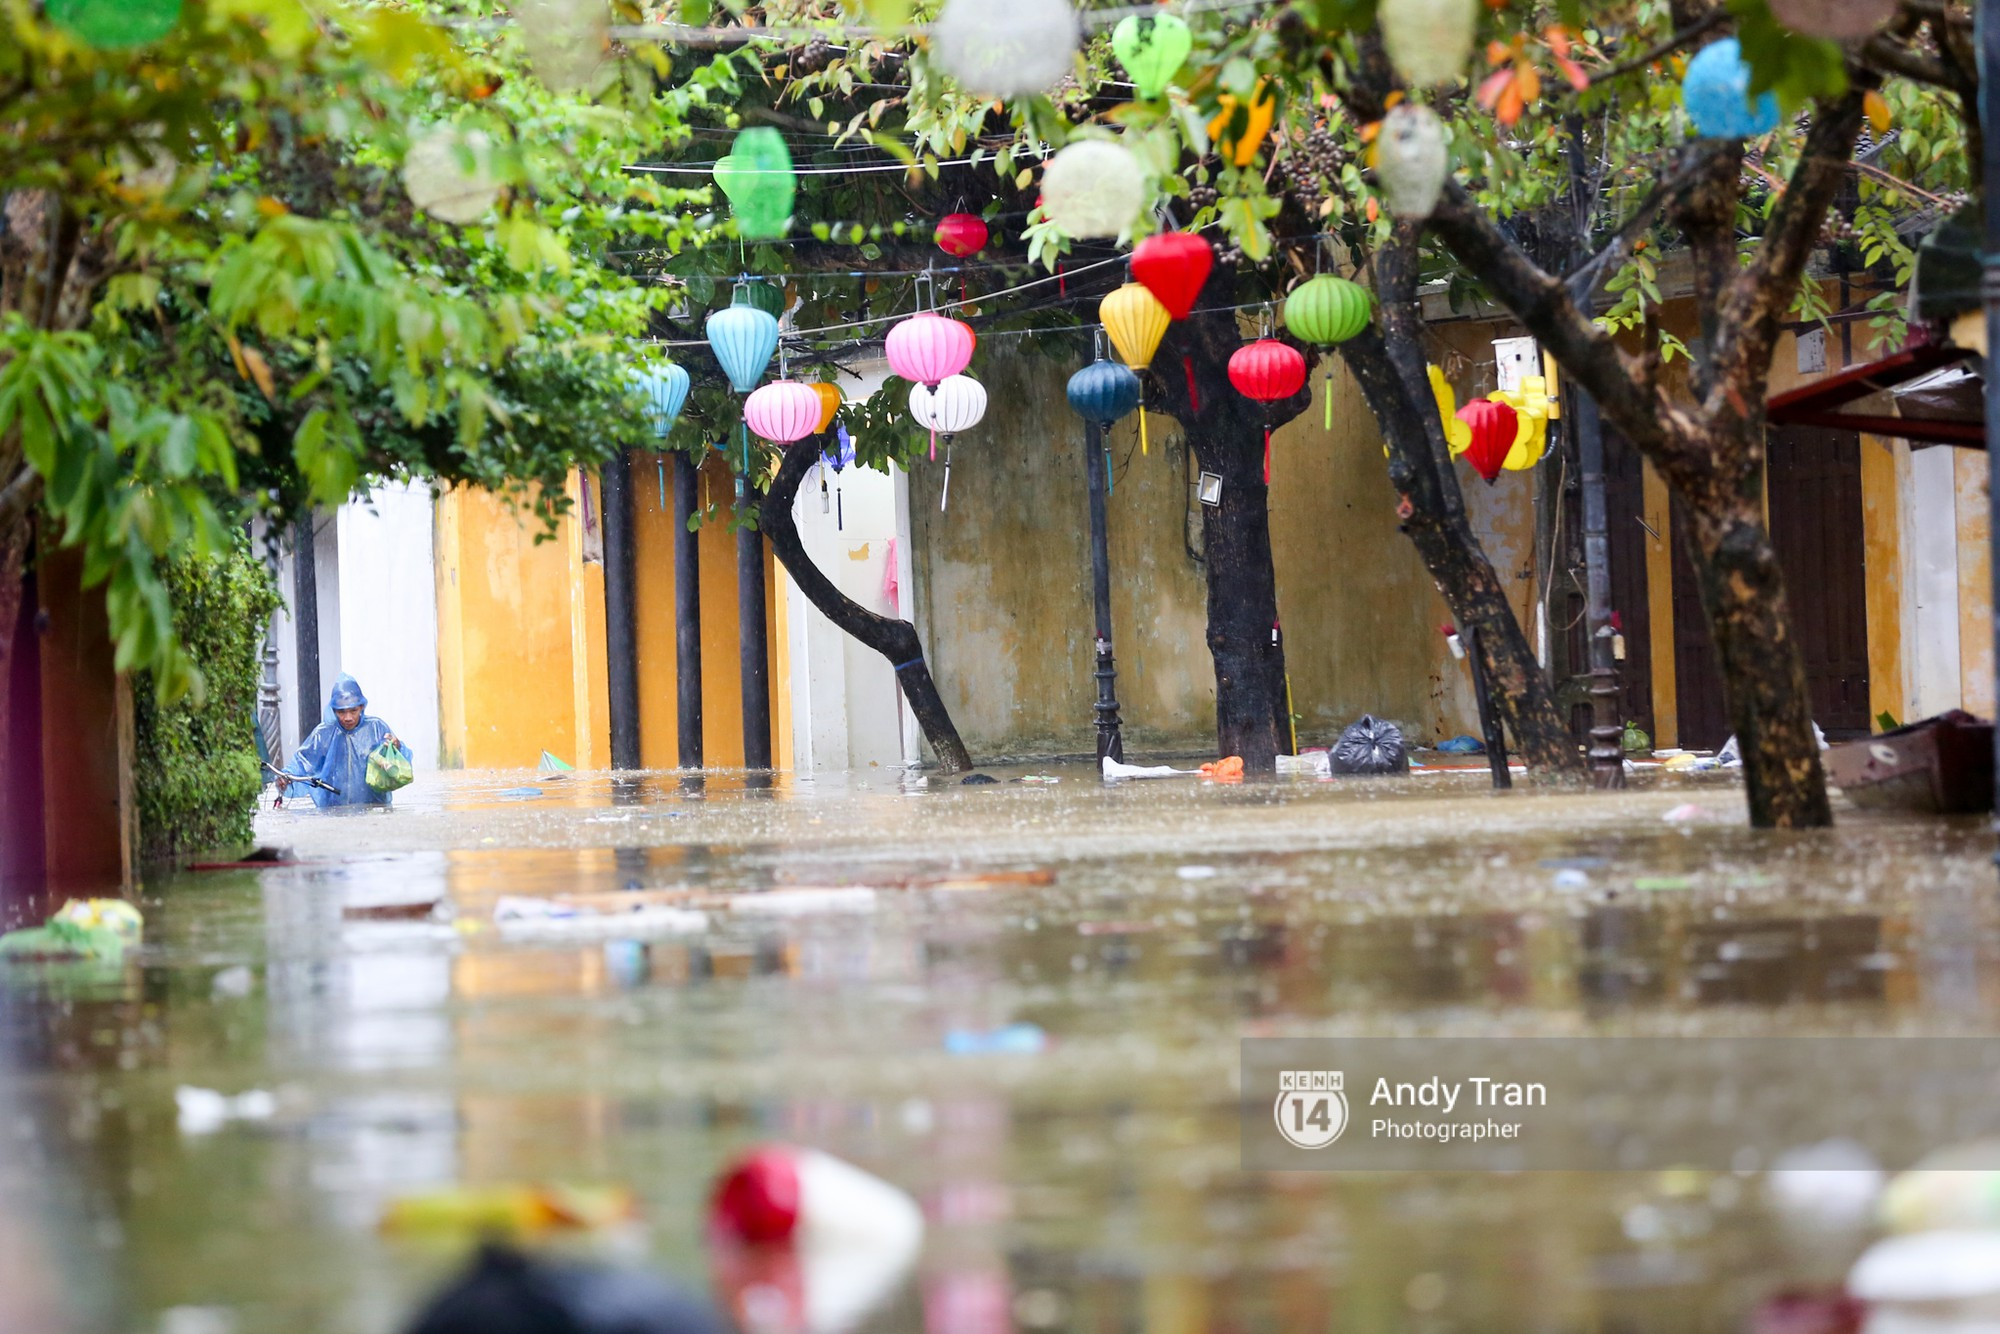 Chùm ảnh: Hội An nước ngập thành sông do ảnh hưởng của bão, người dân và du khách chật vật dùng thuyền bè di chuyển - Ảnh 2.